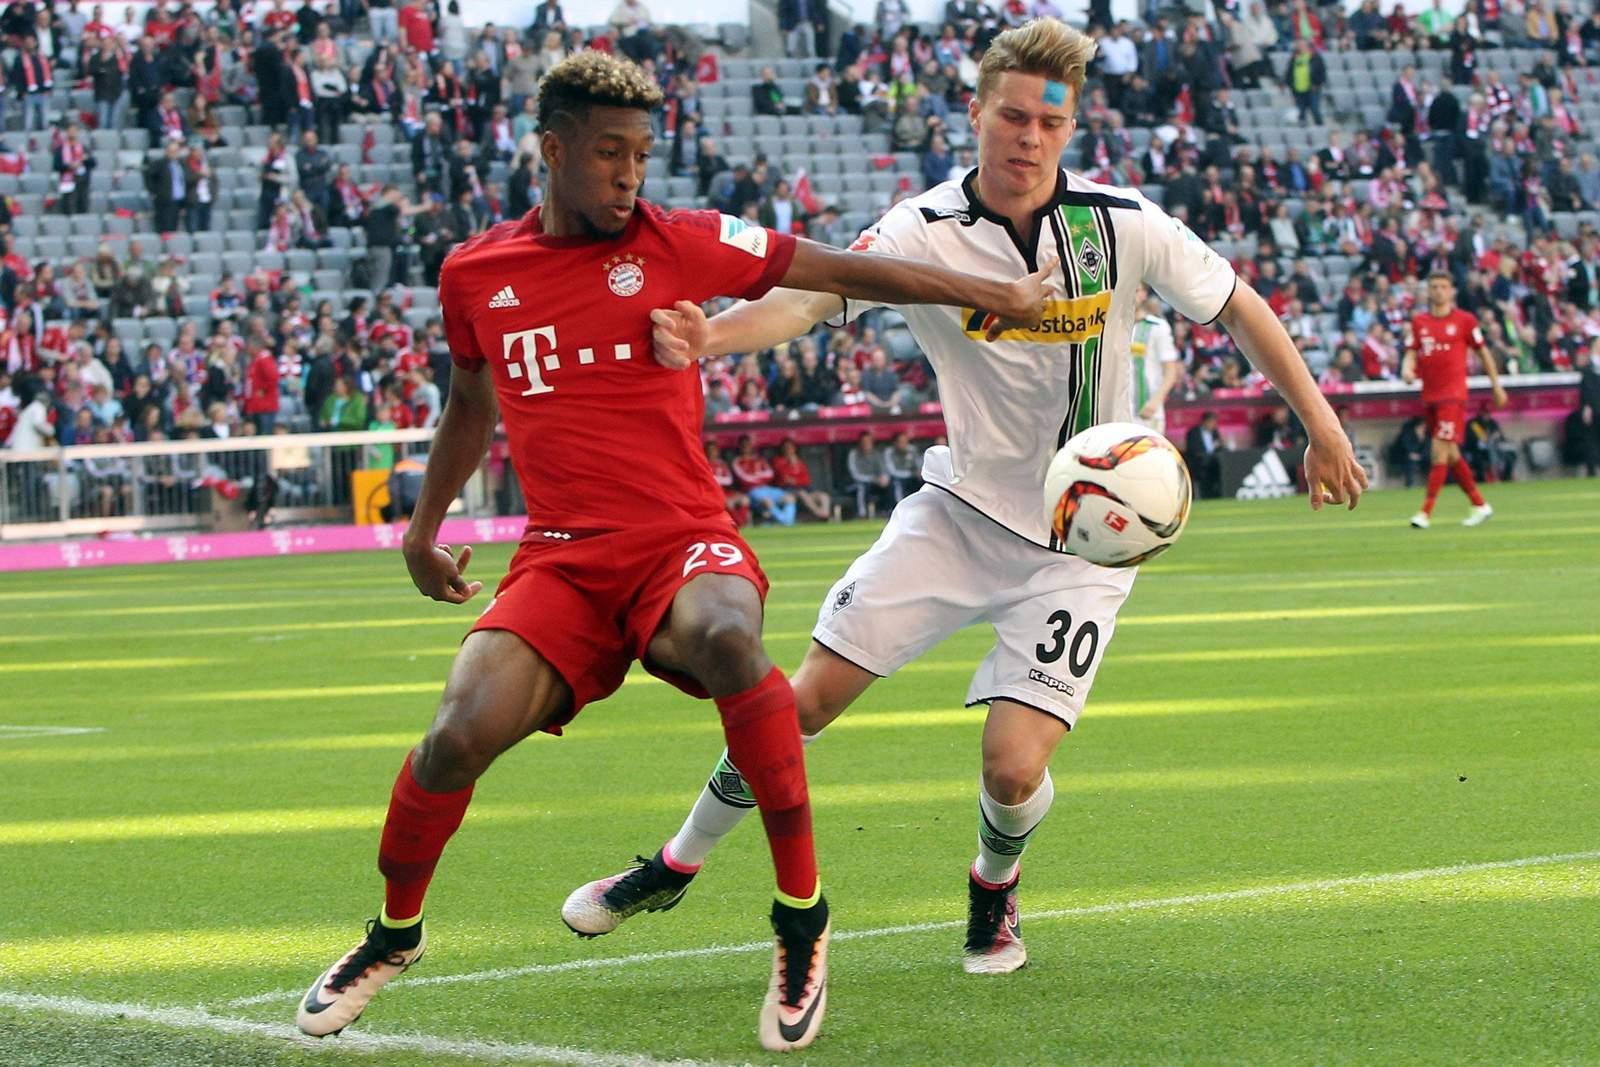 Zweikampf zwischen Kingsley Coman und Nico Elvedi. Jetzt auf Gladbach gegen Bayern wetten!